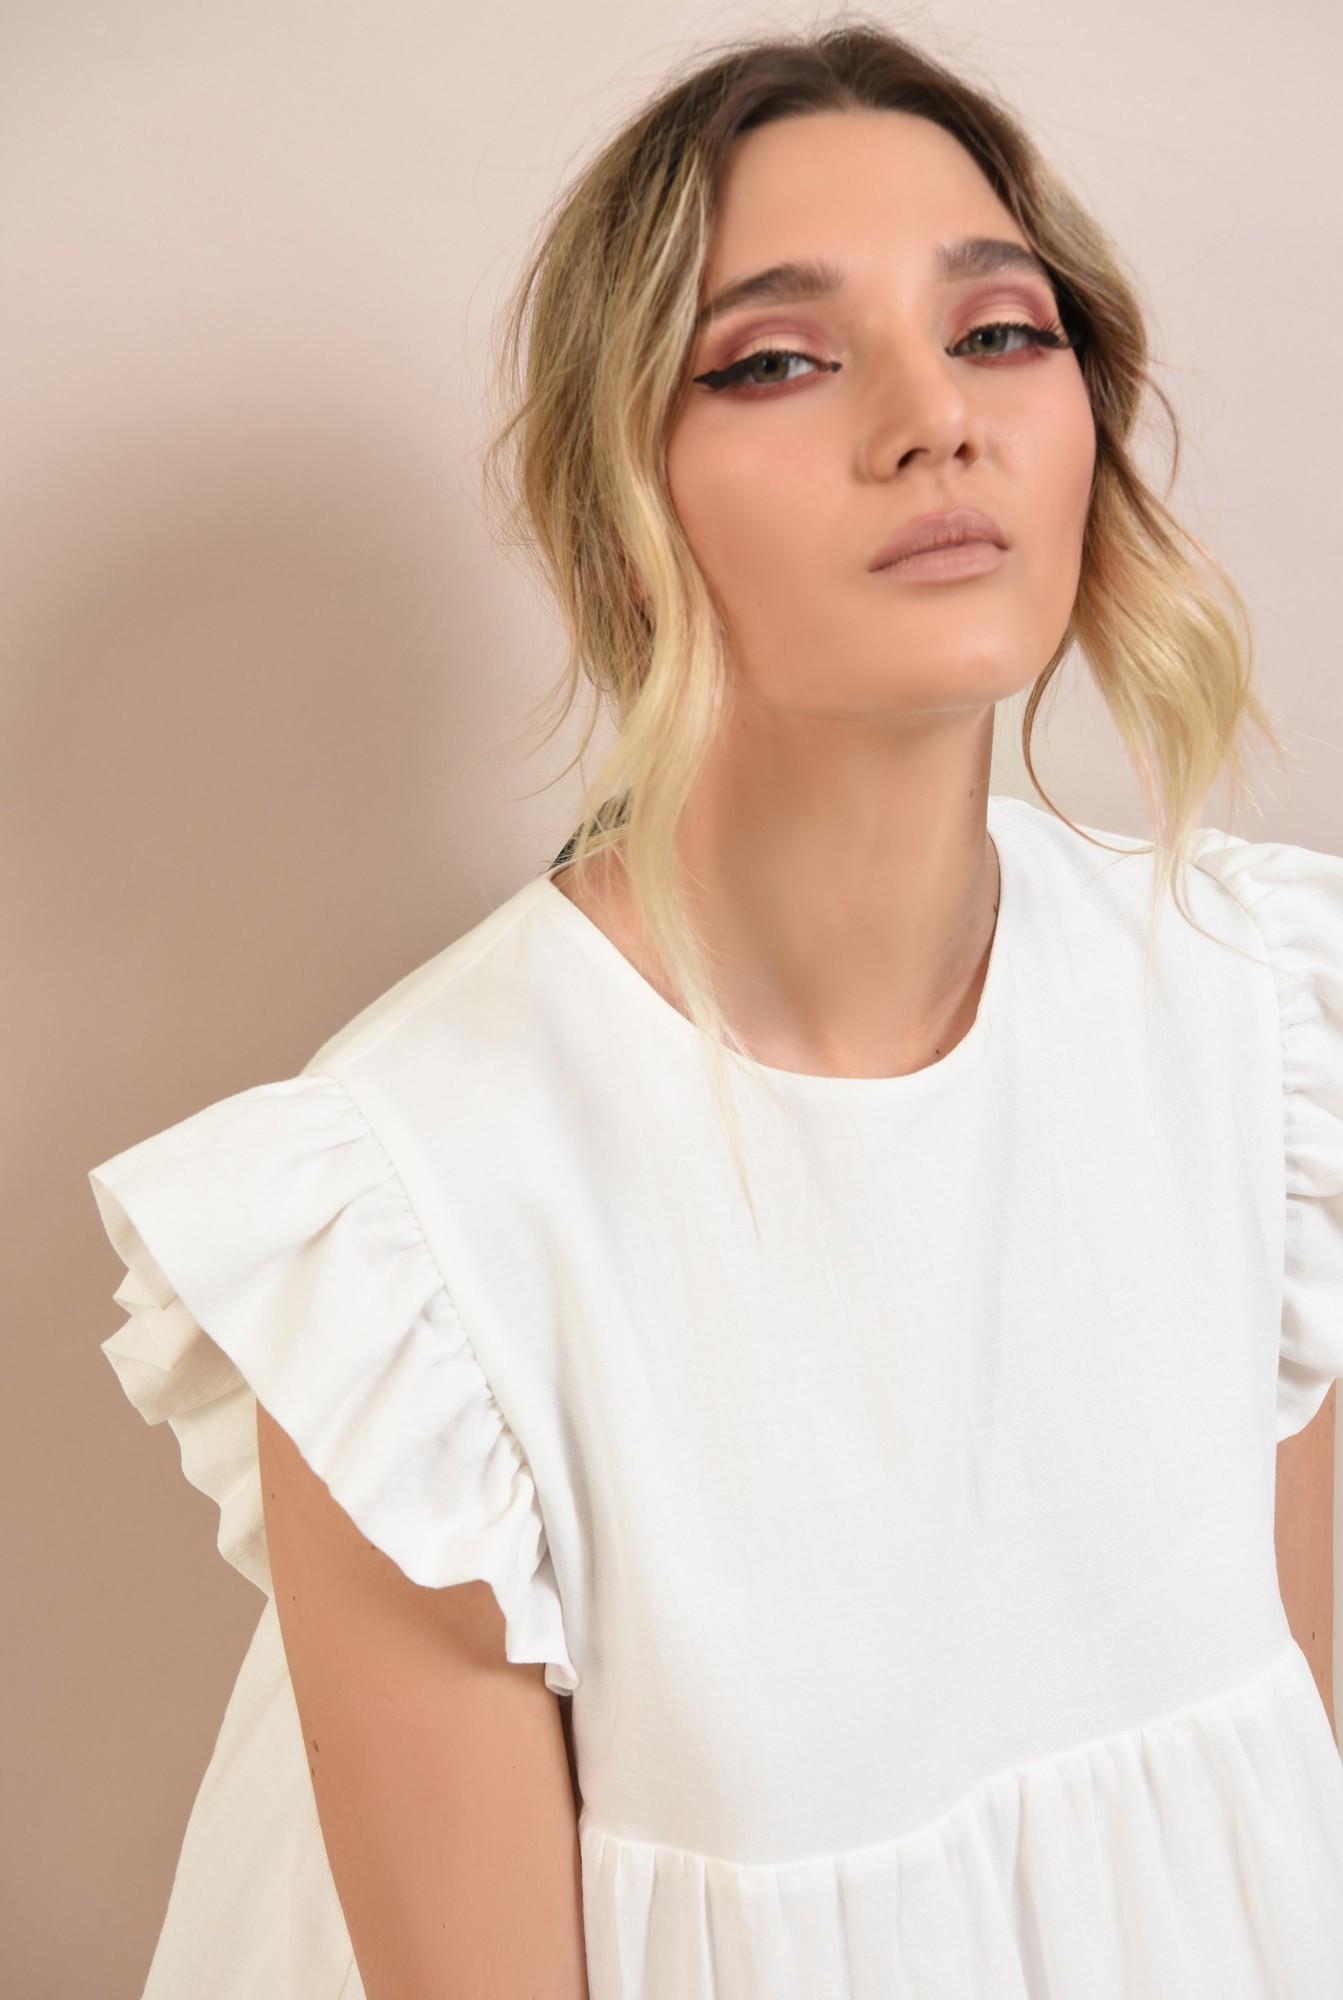 2 -  rochie babydoll, cu maneci volan, evazata, scurta, rochie de vara